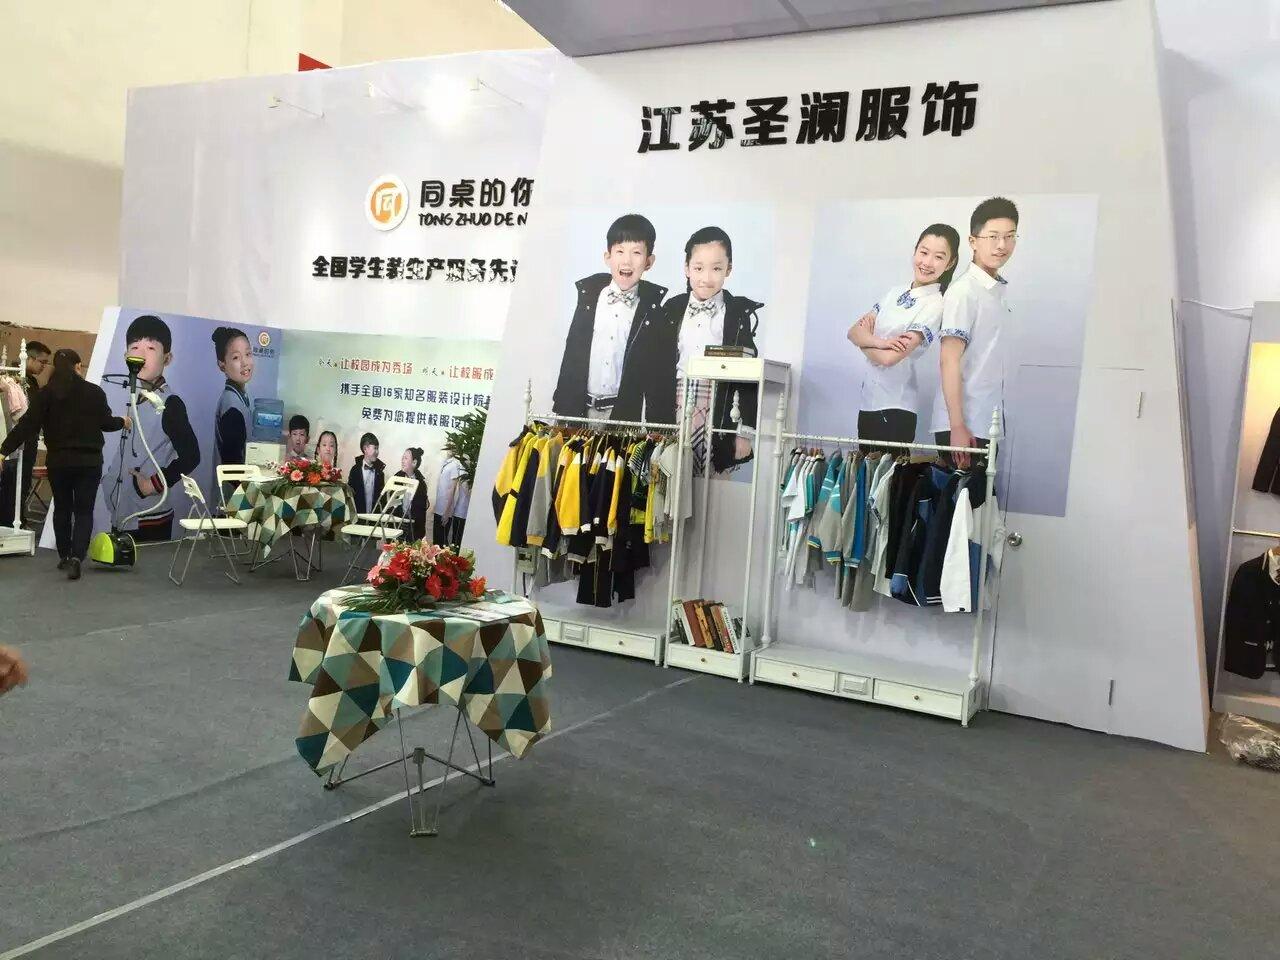 2017年中国校园用品及校服展览会即将举行